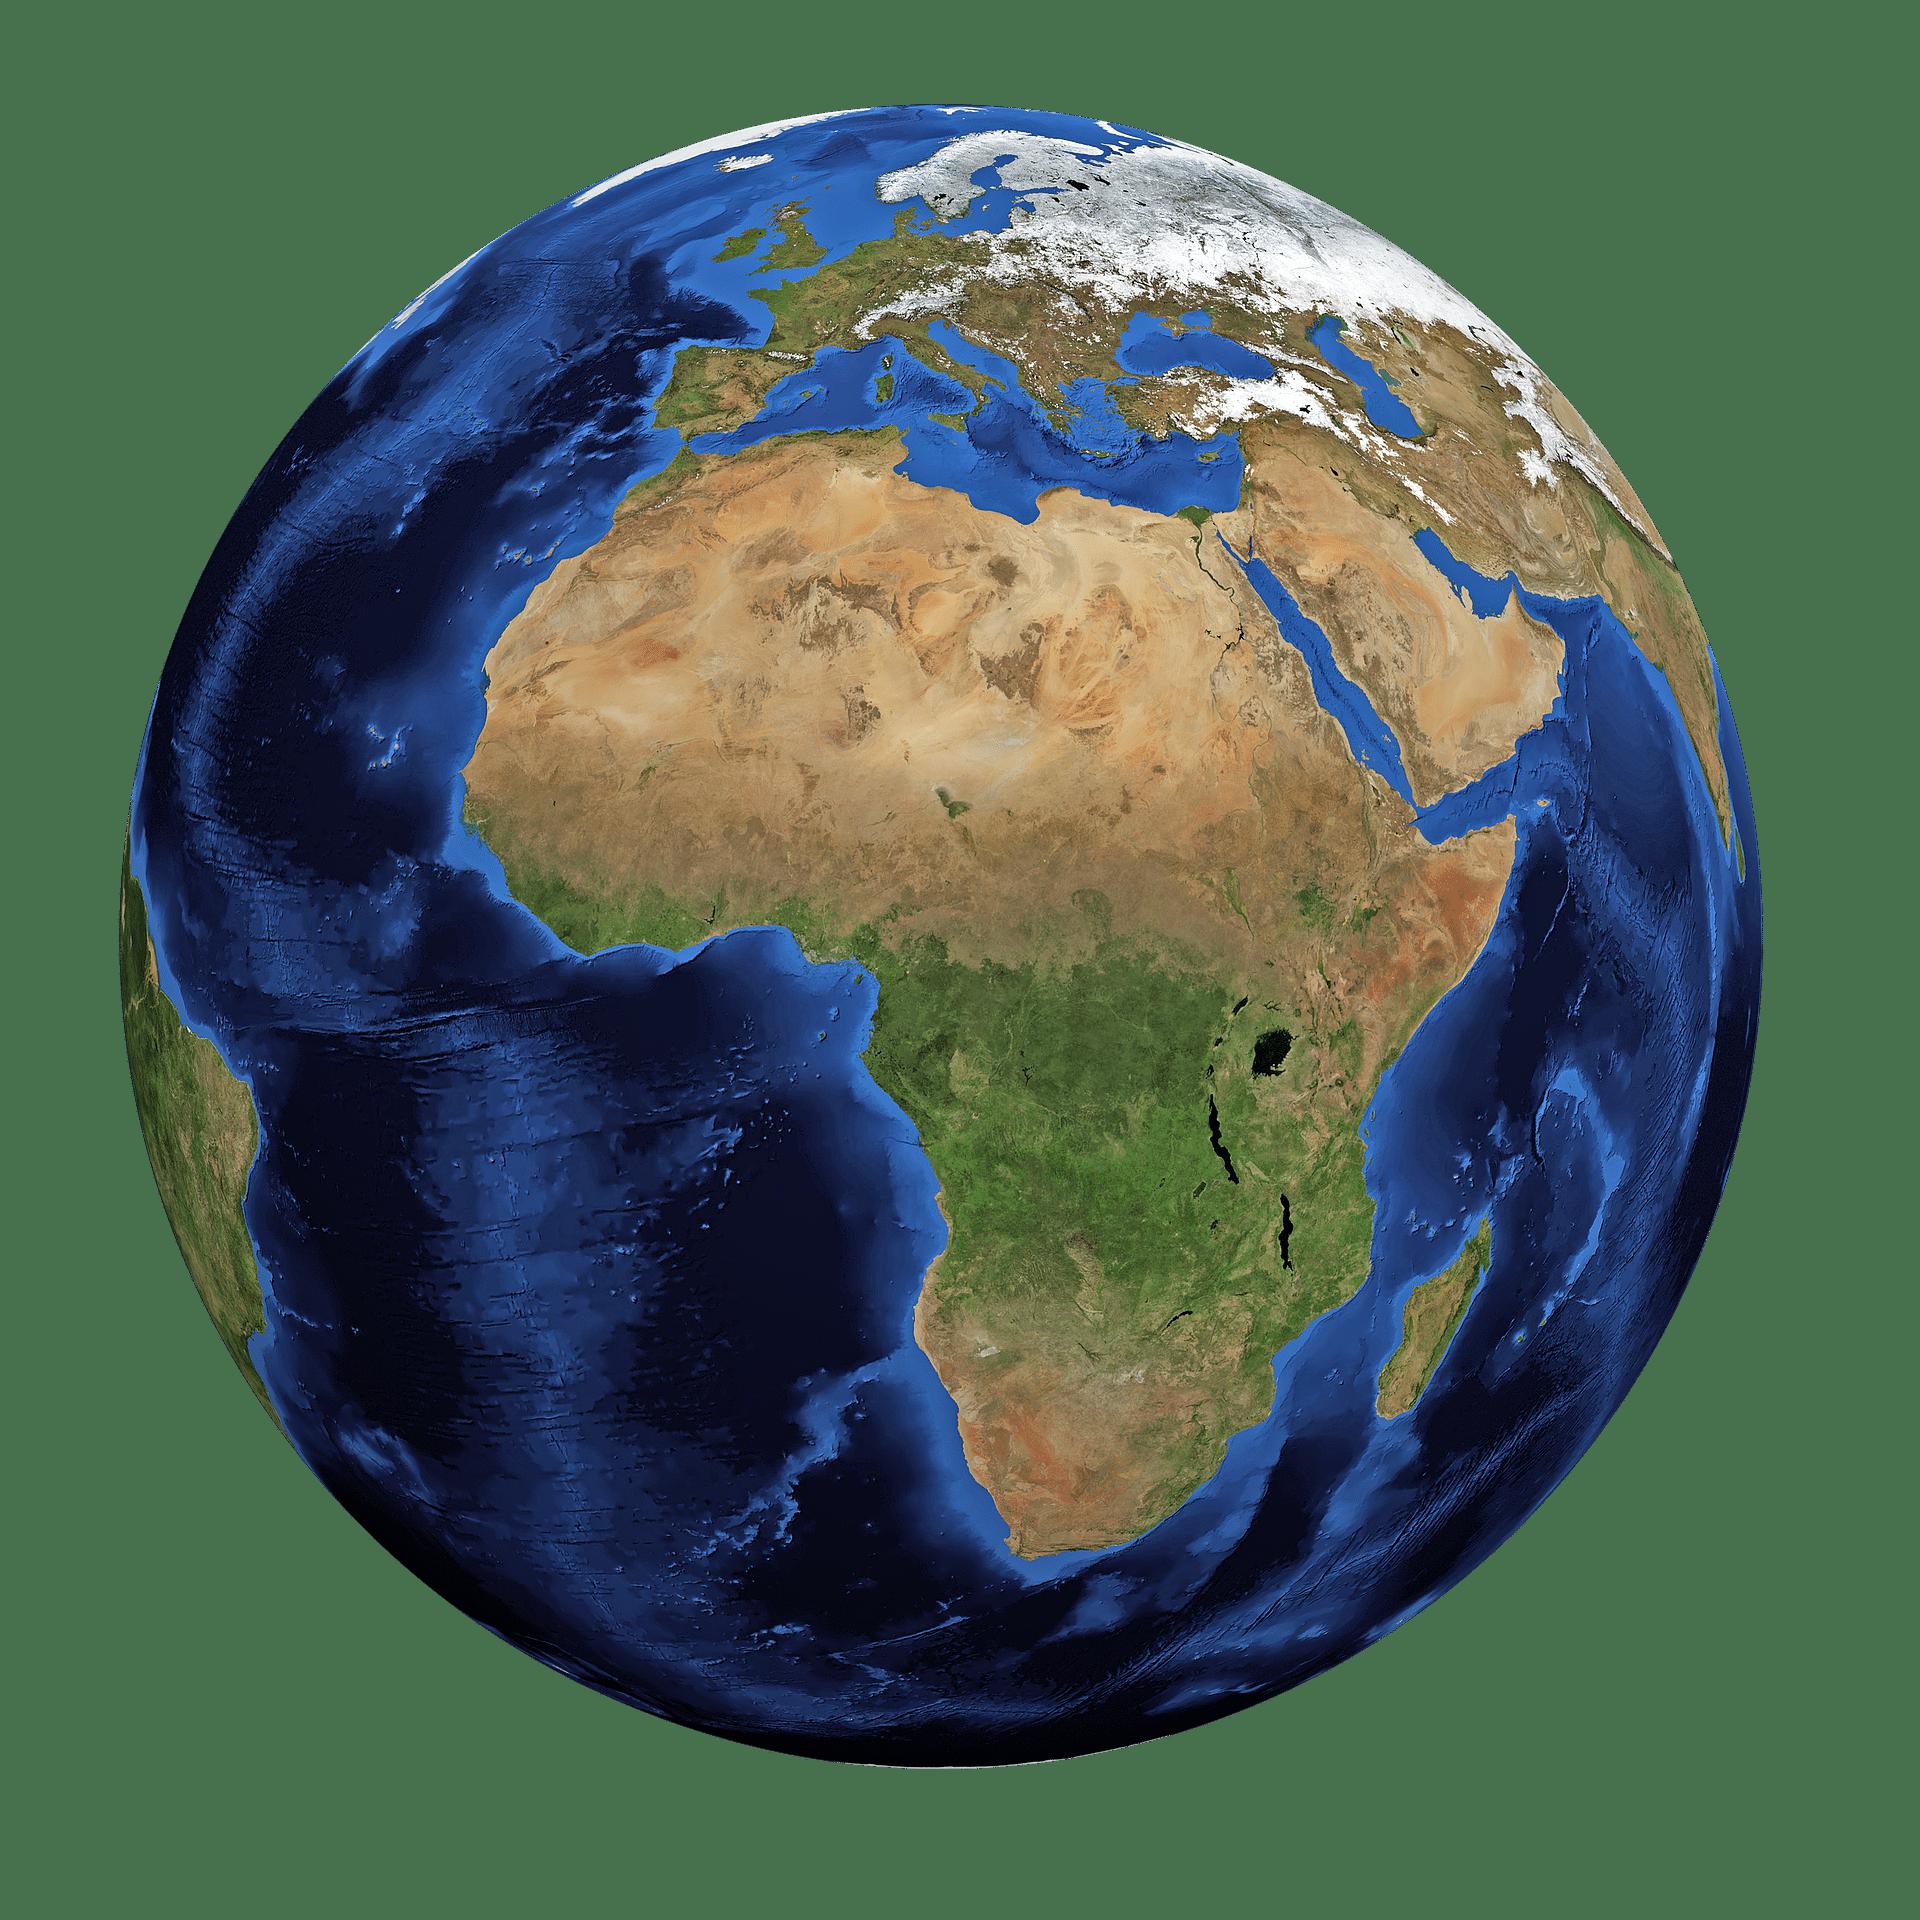 L'impatto del coronavirus sull'economia in Africa